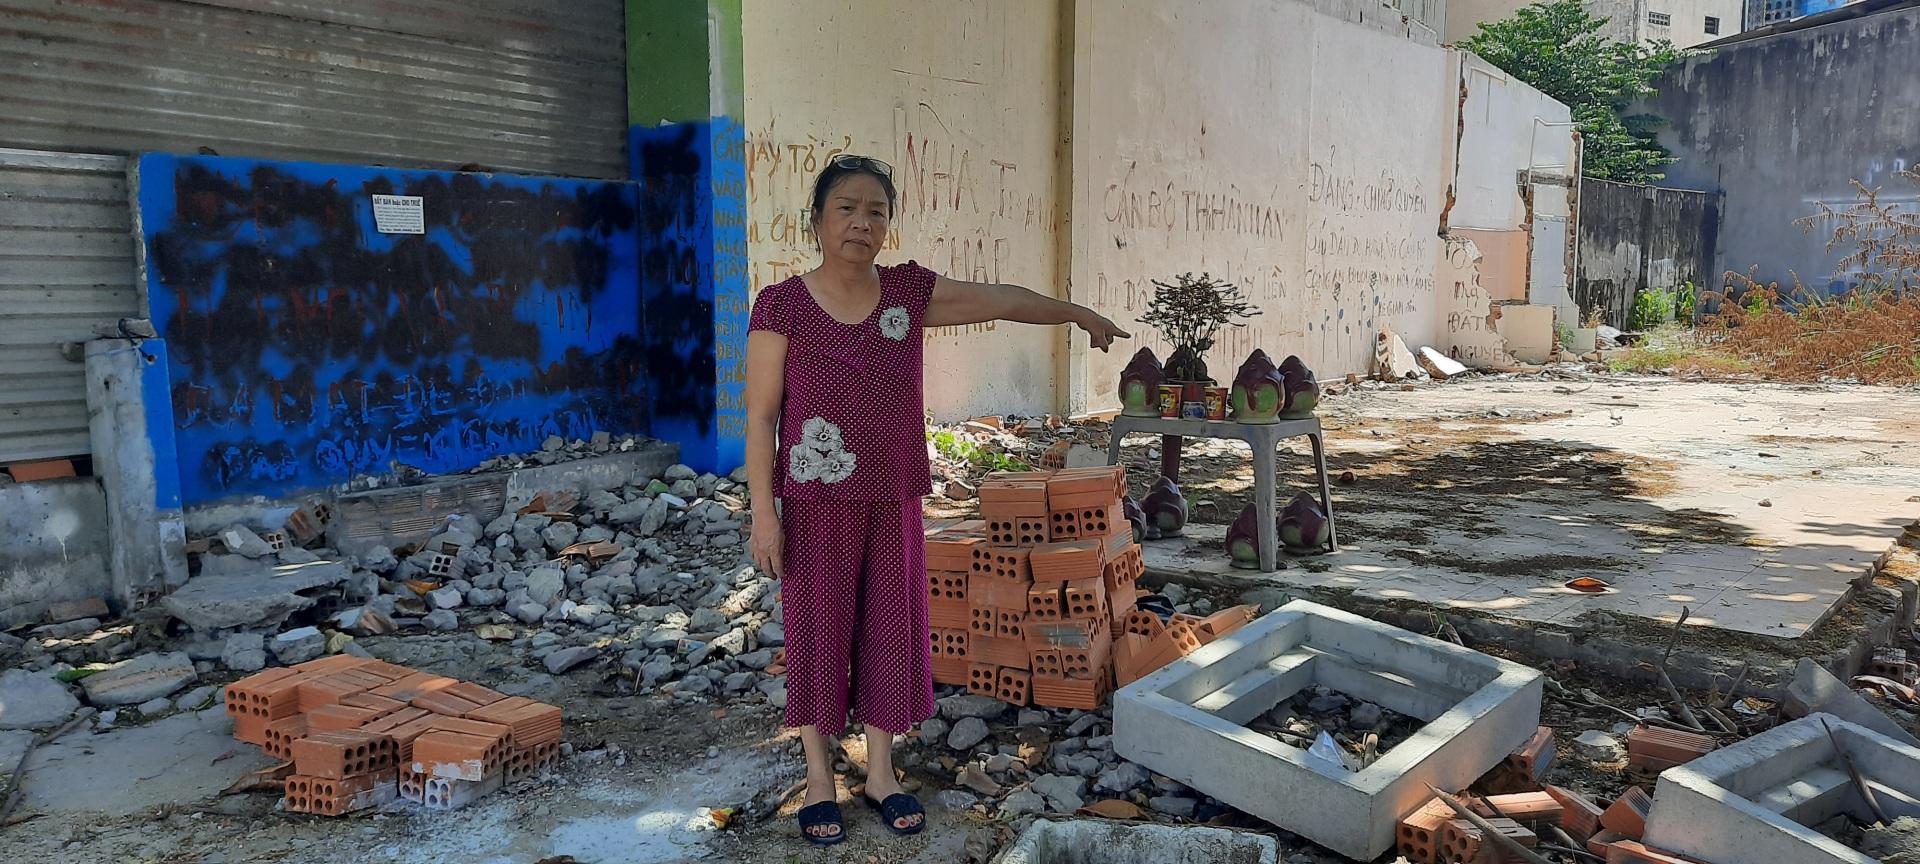 Phường Vĩnh Hòa (Nha Trang - Khánh Hòa): Tình trạng tranh chấp đất đai kéo dài gần 30 năm nhưng chưa có hồi kết Trách nhiệm người đứng đầu địa phương ra sao?